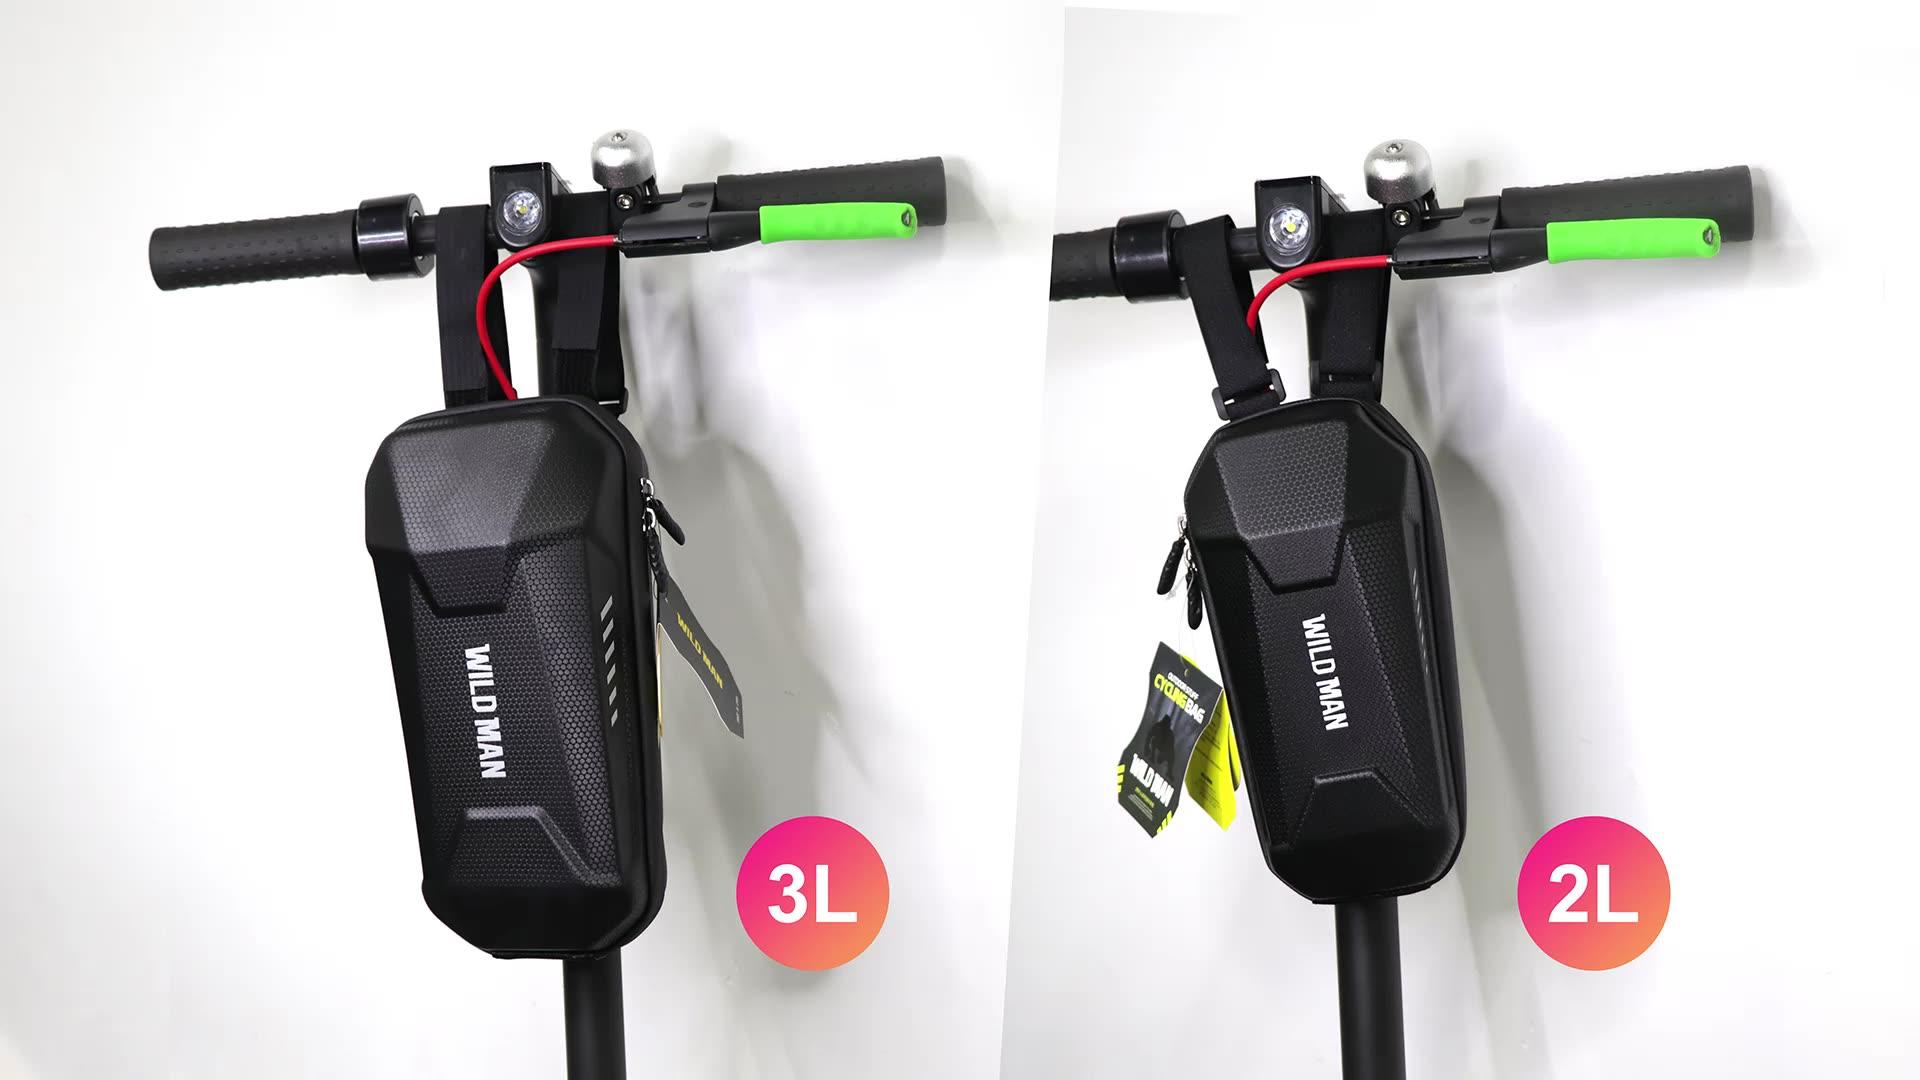 Sac de Scooter électrique rangement suspendu 2L sac WILD MAN coque dure sac de rangement étanche pour xiaomi m365 scooters électriques